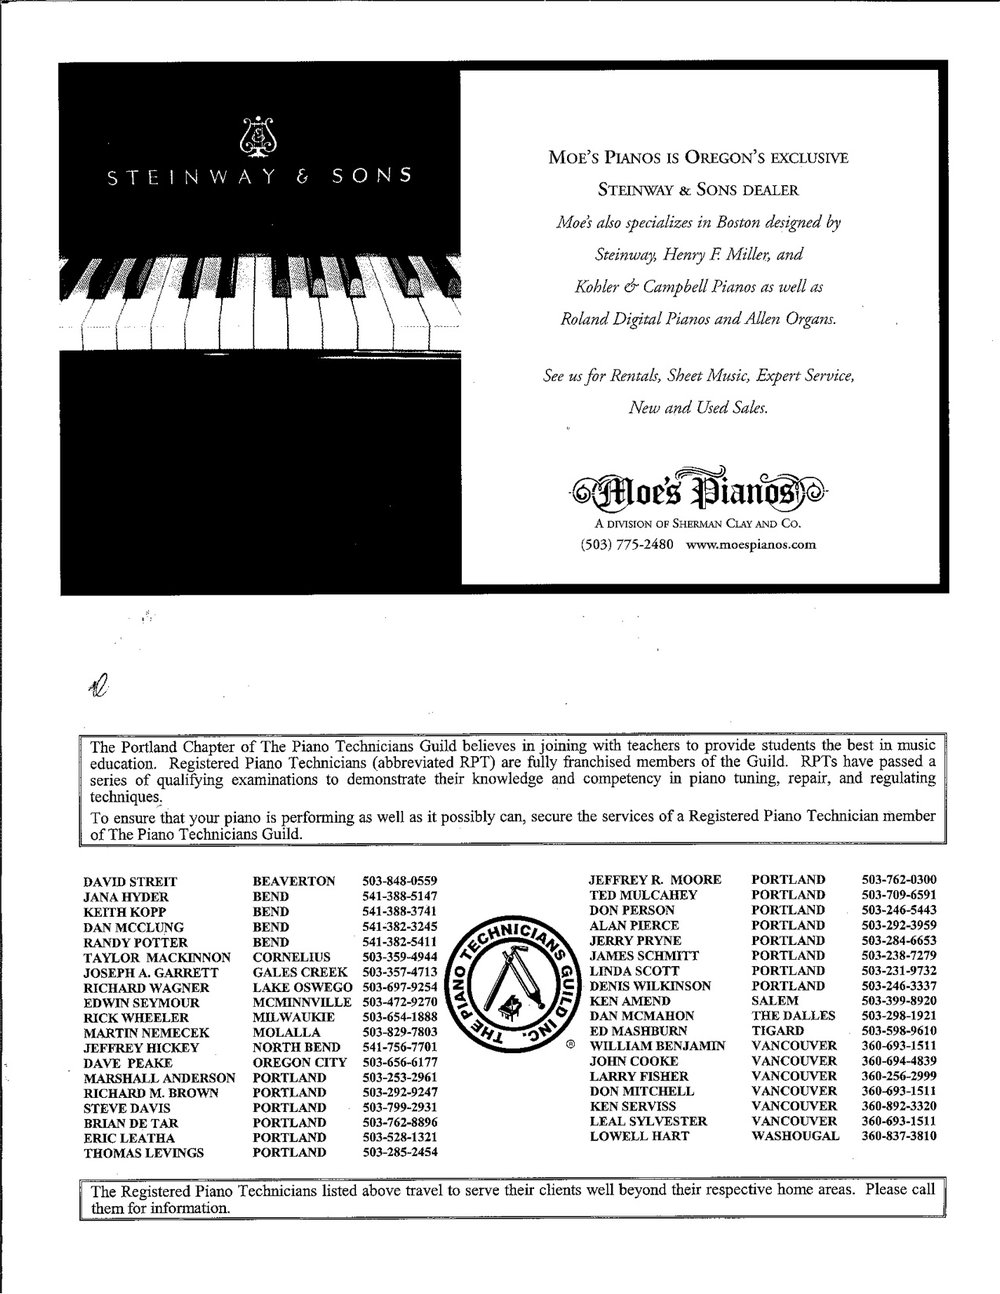 Cohen02-03_Program12.jpg